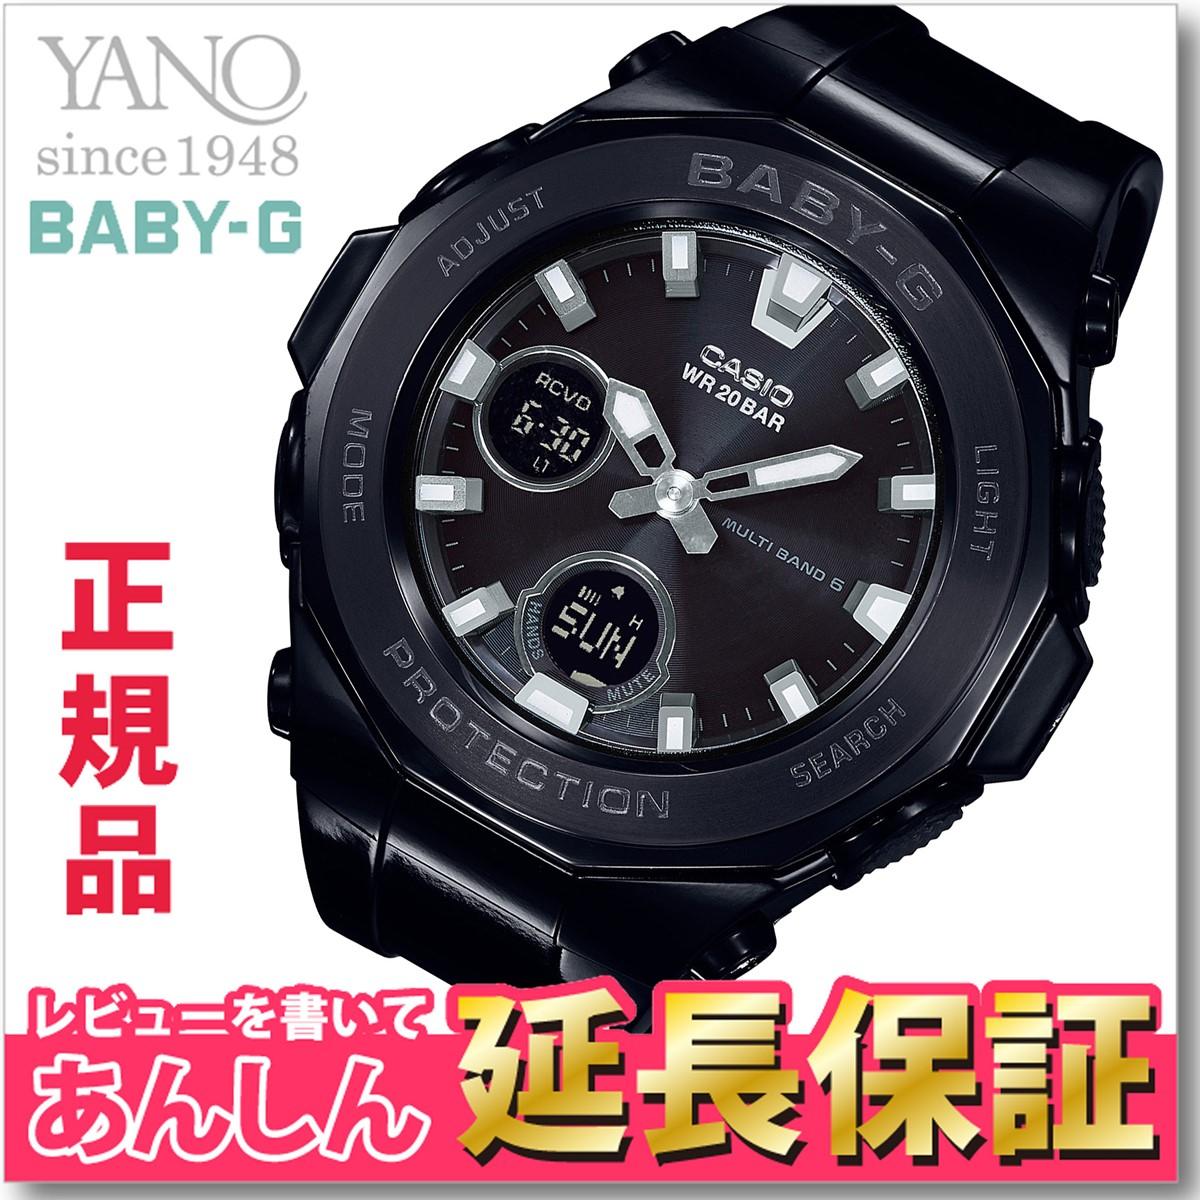 カシオ ベビーG BGA-2250G-1AJF ビーチ グランピング シリーズ レディース 腕時計 デジアナ CASIO BABY-G 【正規品】【0617】【店頭受取対応商品】